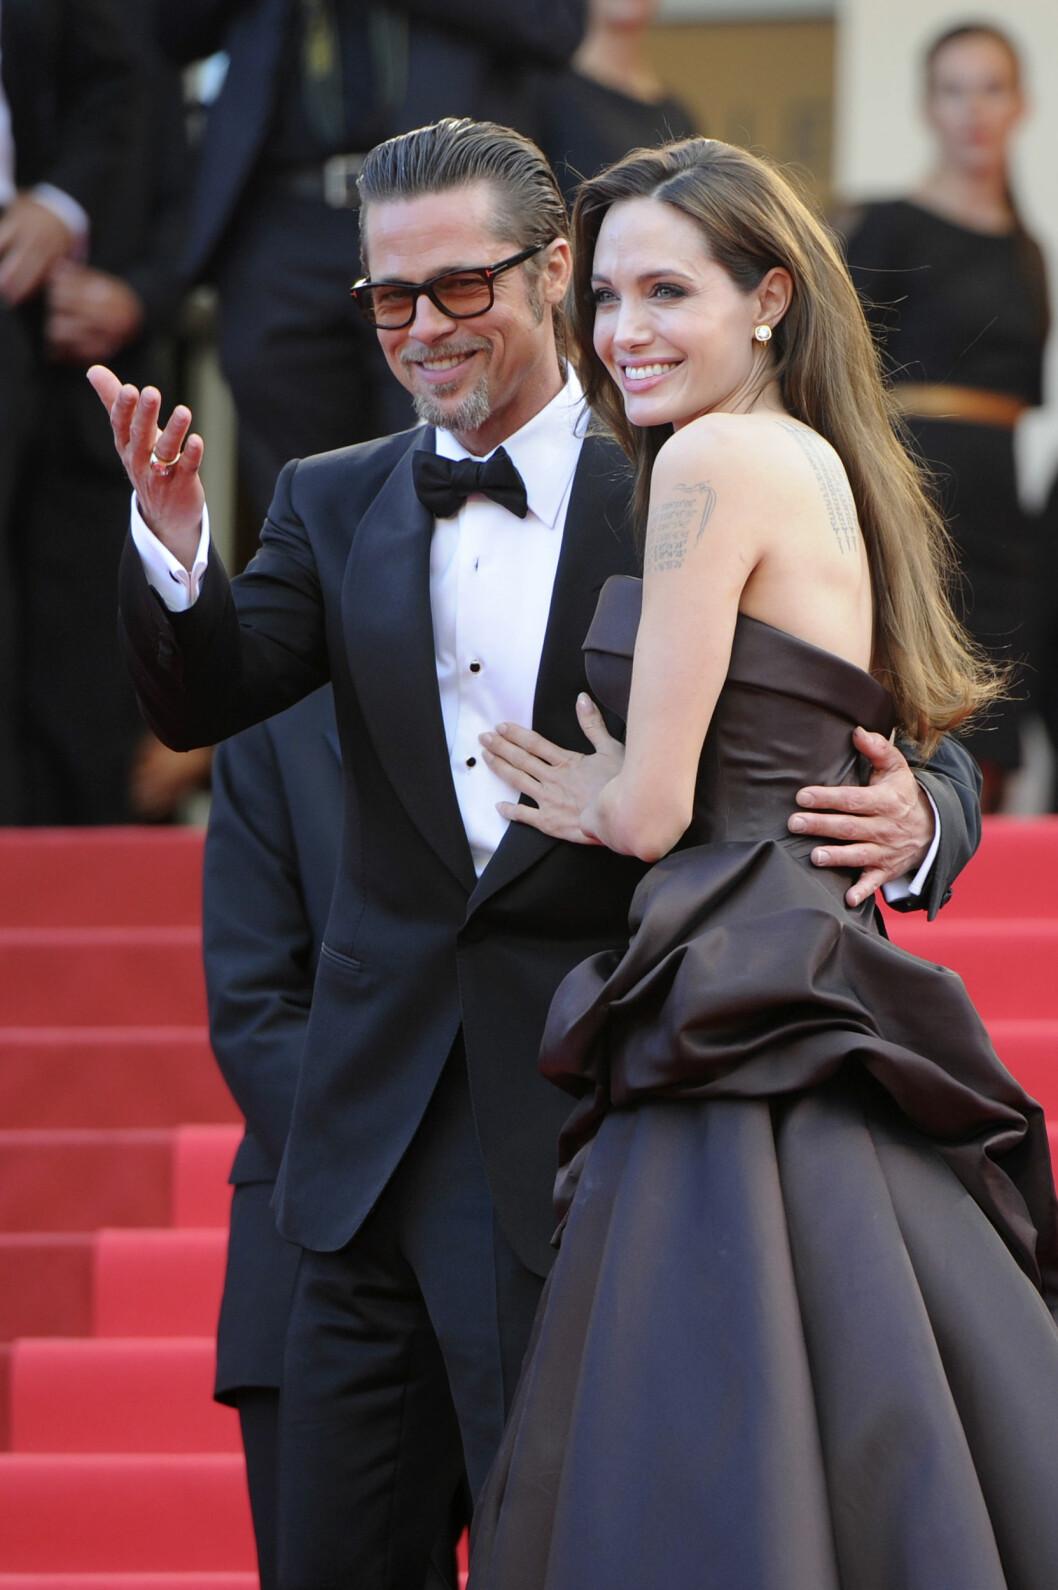 SKILLES: Brad Pitt og Angelina Jolie går fra hverandre etter 12 år. Foto: Afp